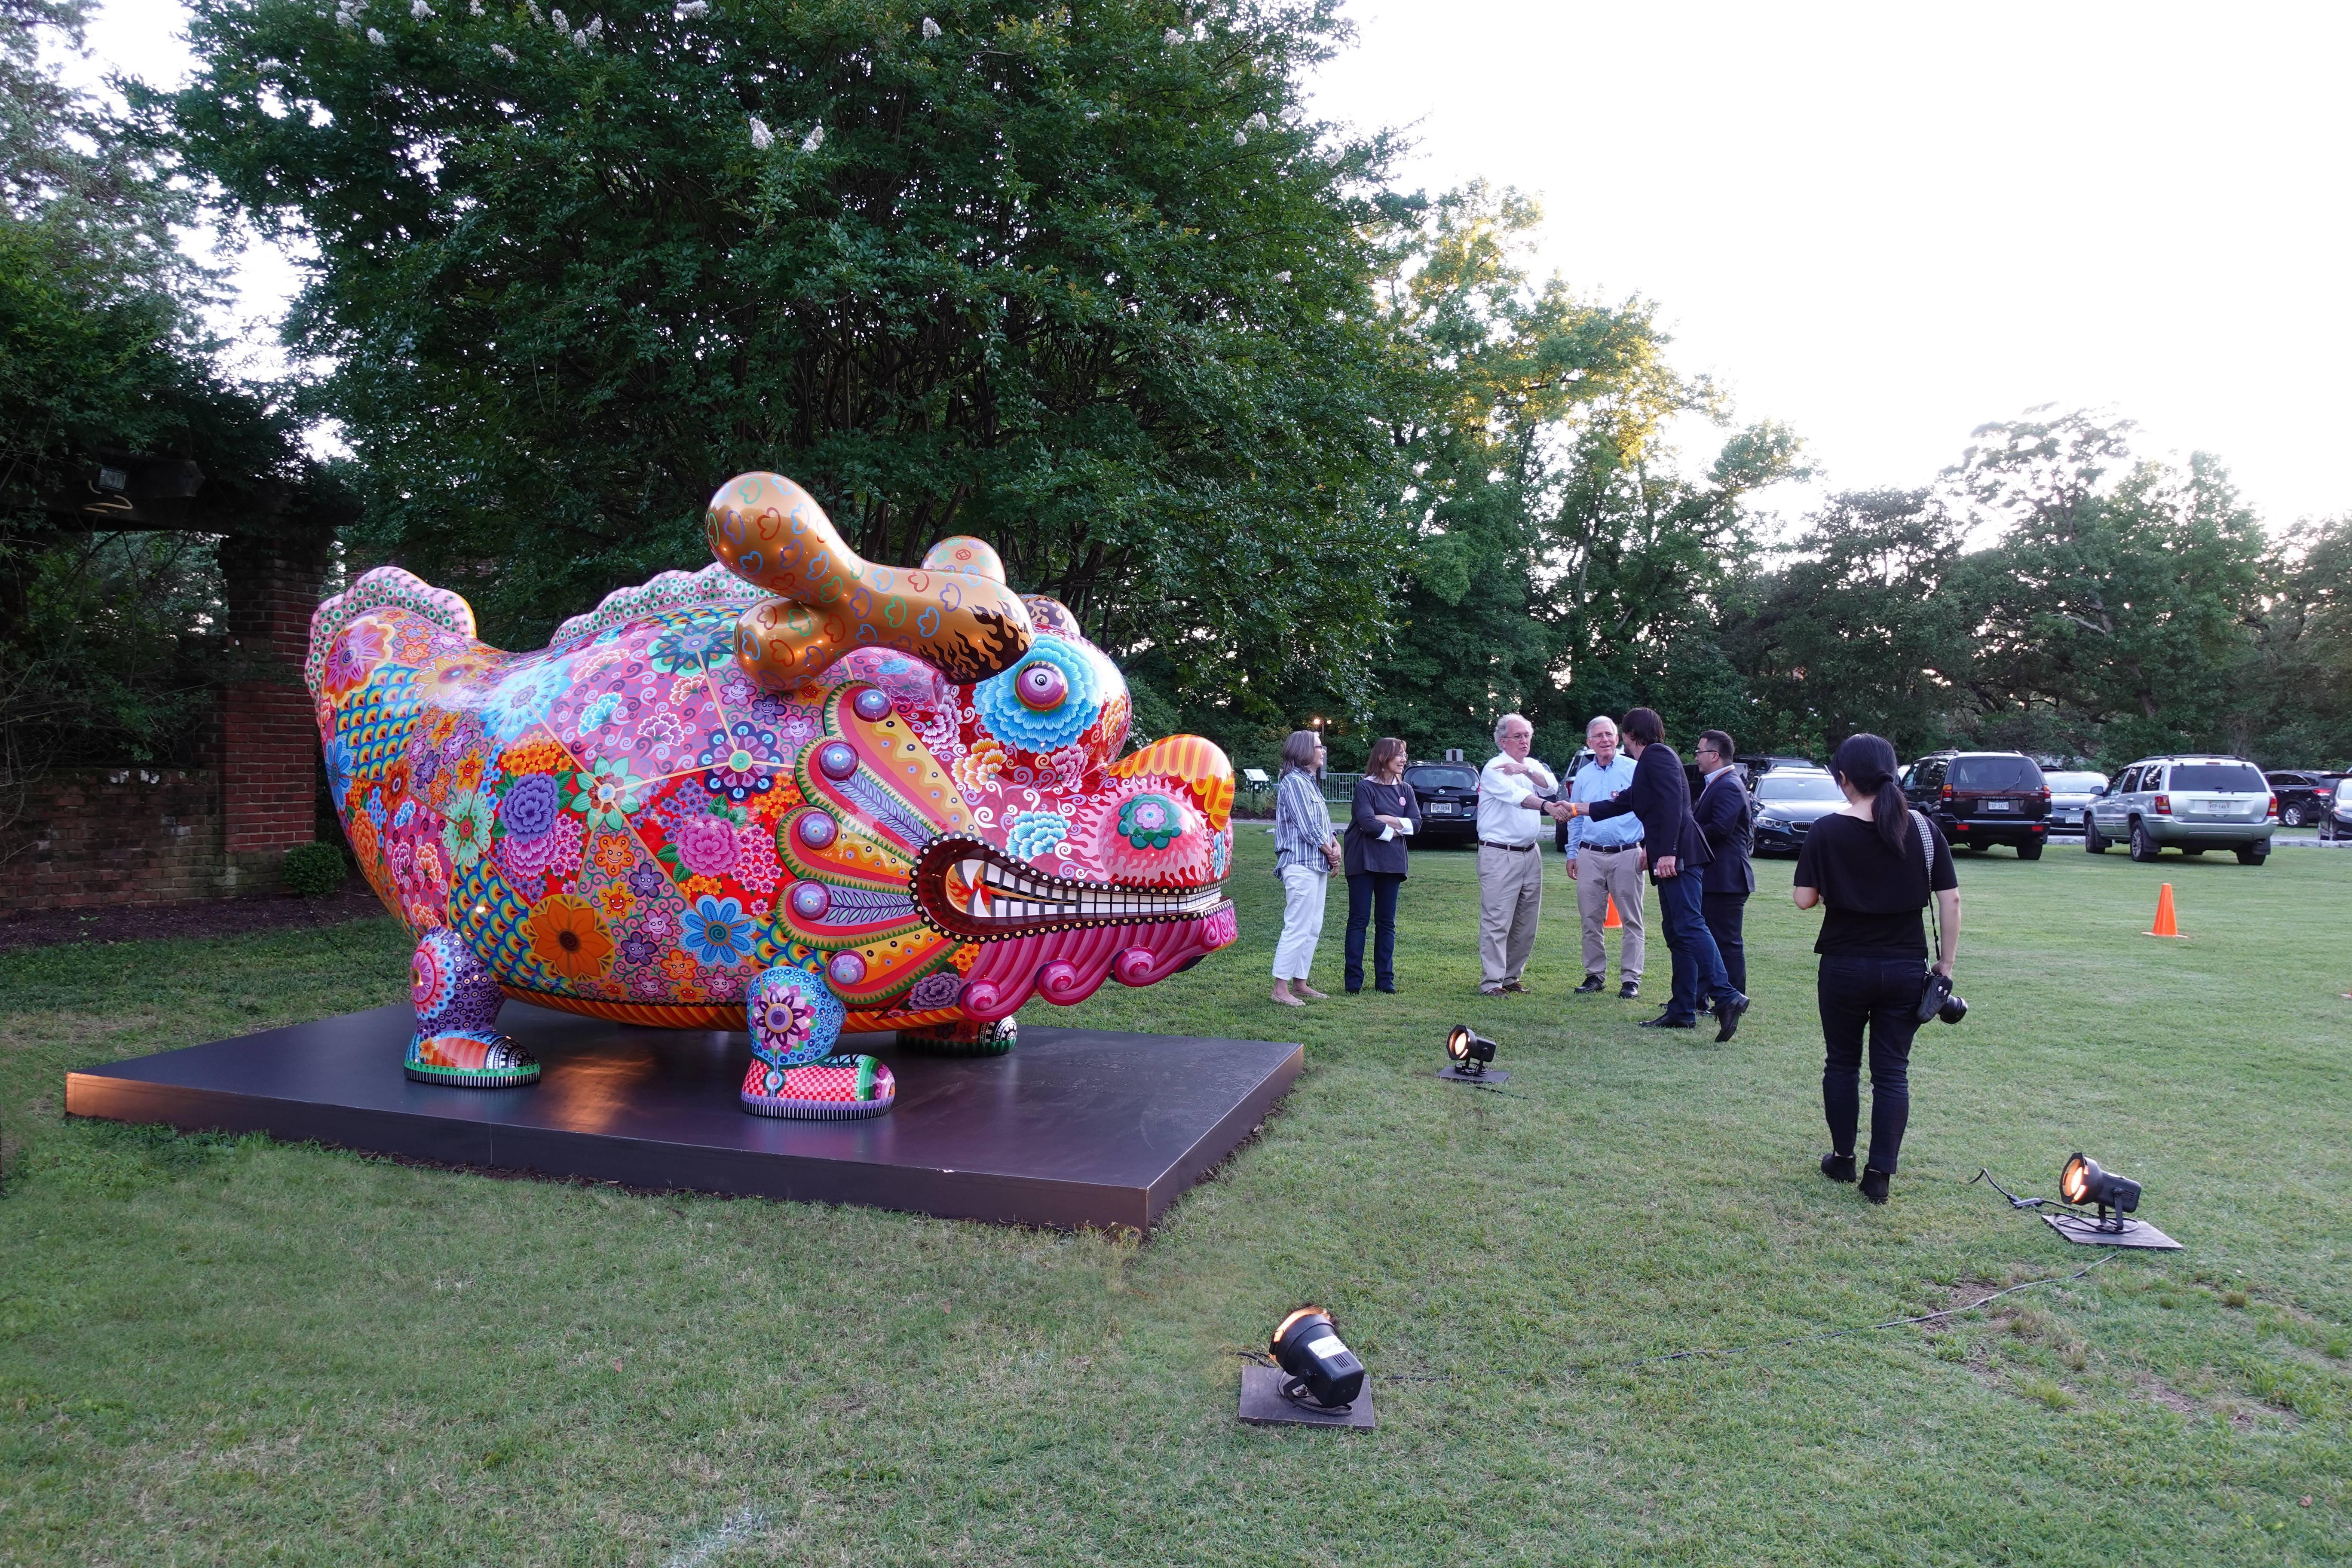 多彩繽紛的「福龍」吸引人們駐足欣賞。圖/印象畫廊提供